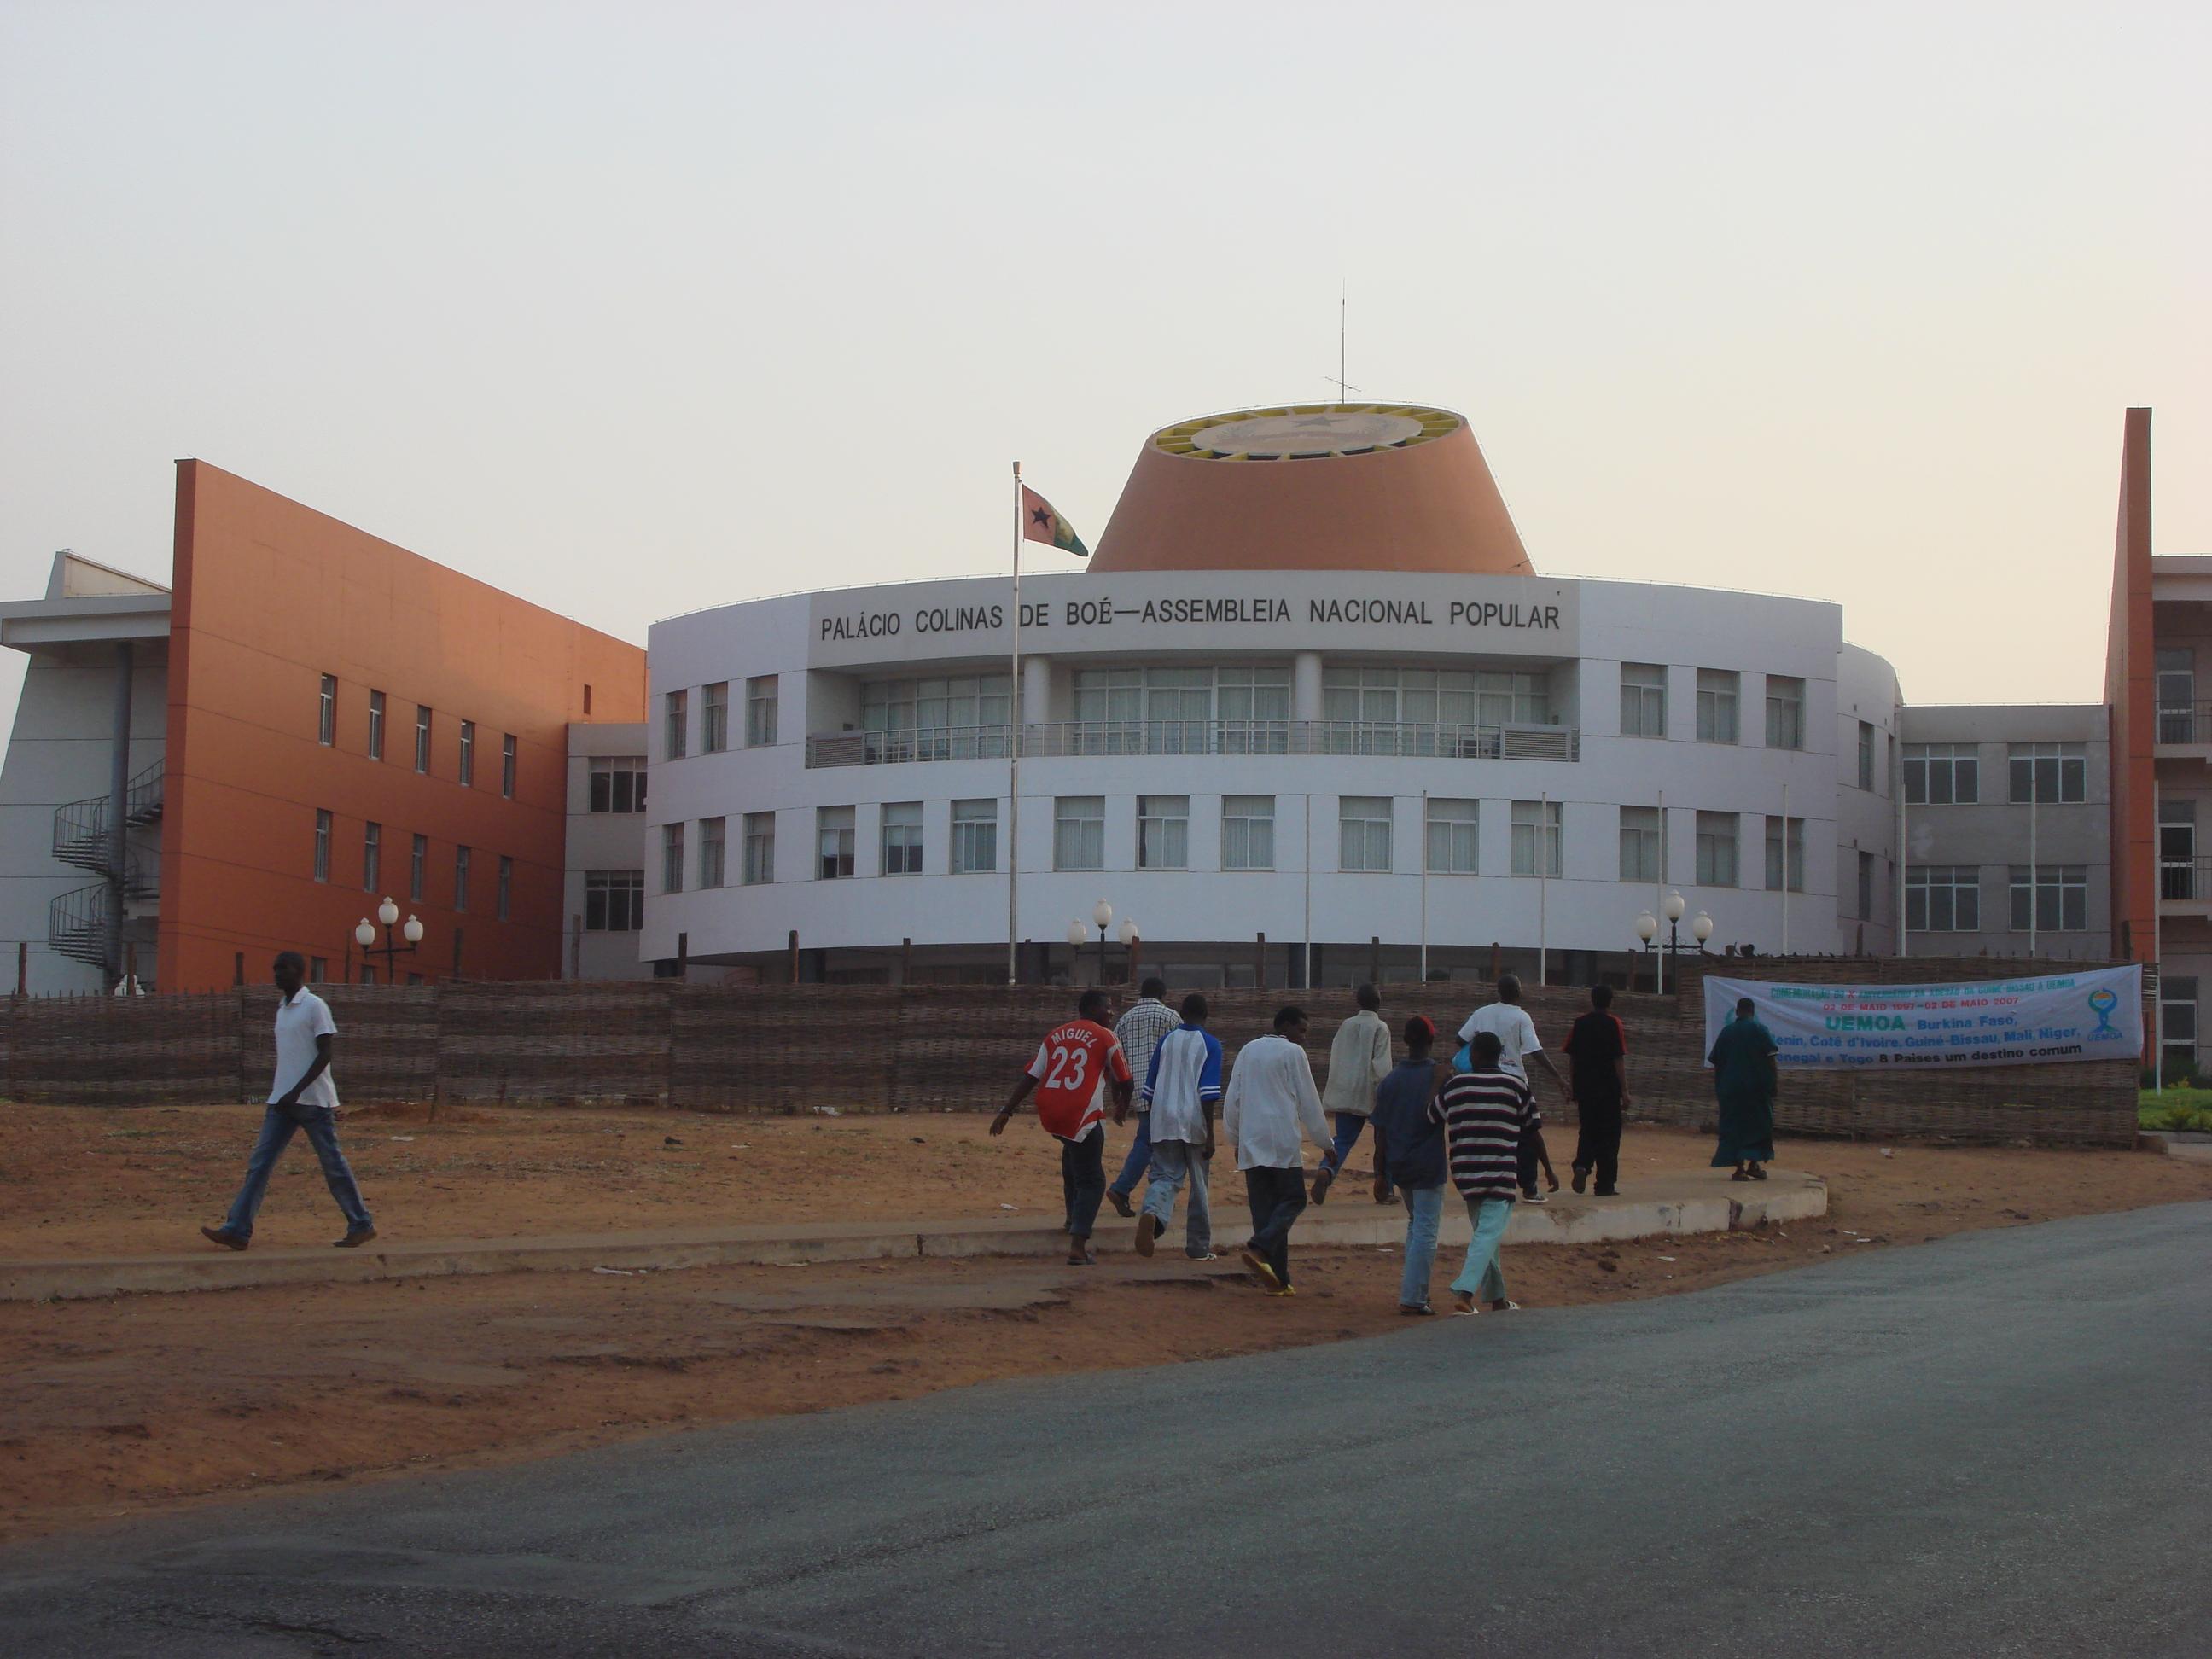 Assembleia_Nacional_da_Guiné-Bissau